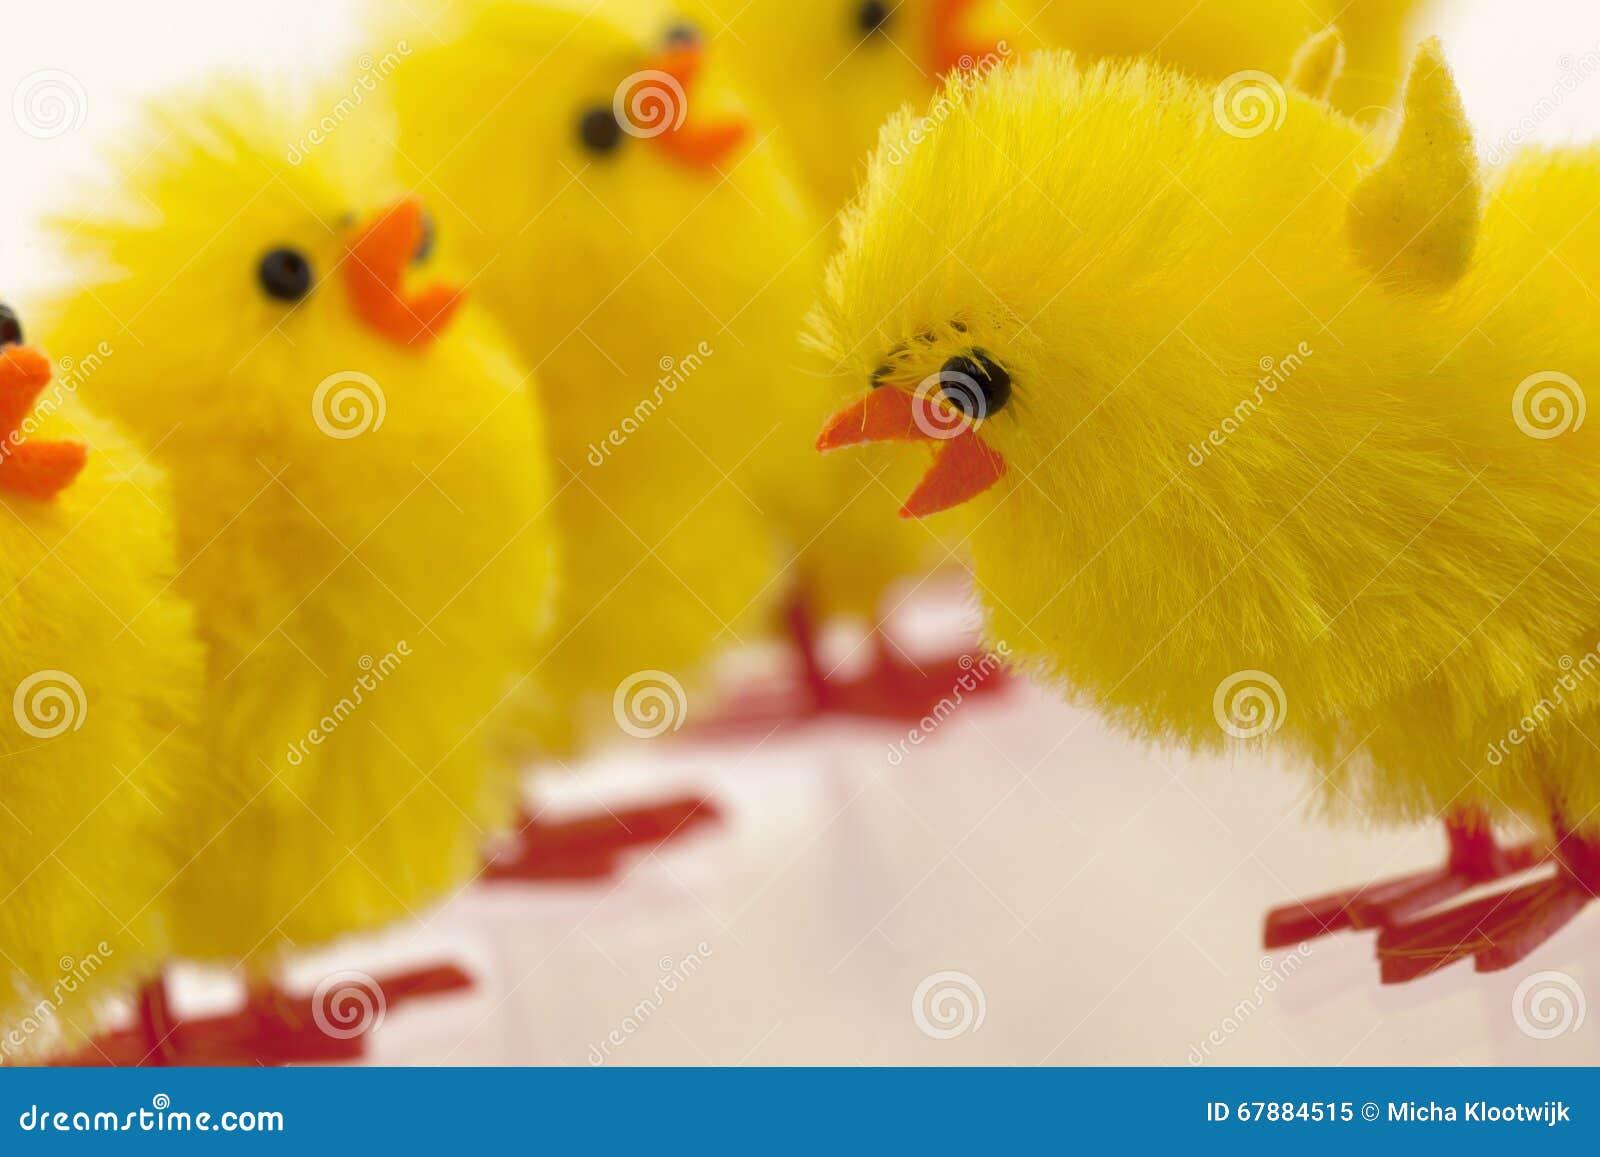 复活节小鸡丰盈,选择聚焦